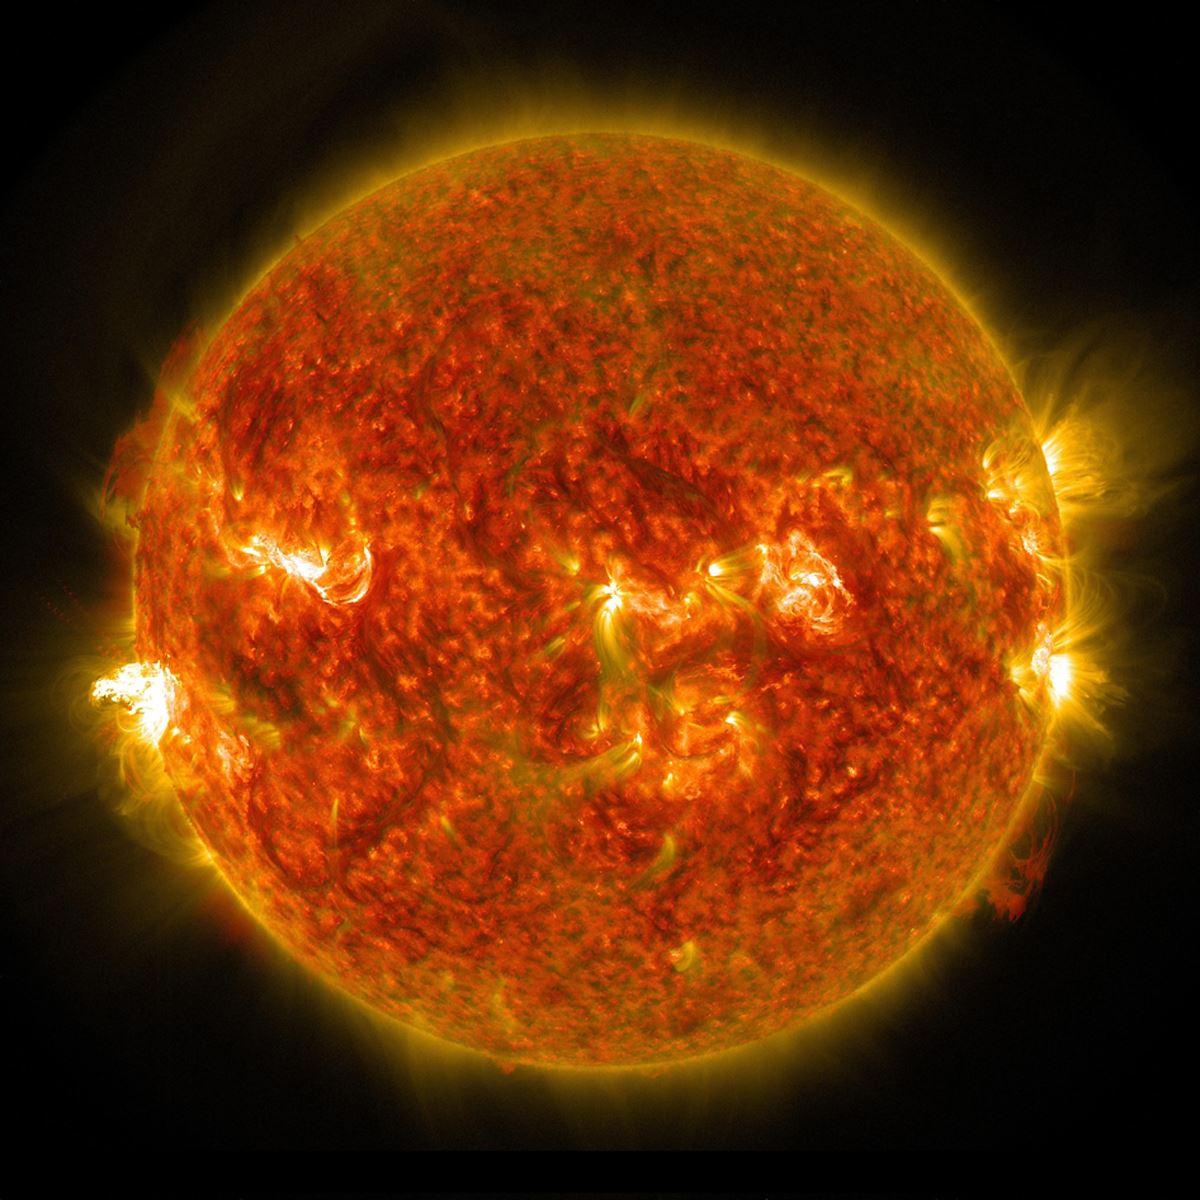 Nærbillede af solen